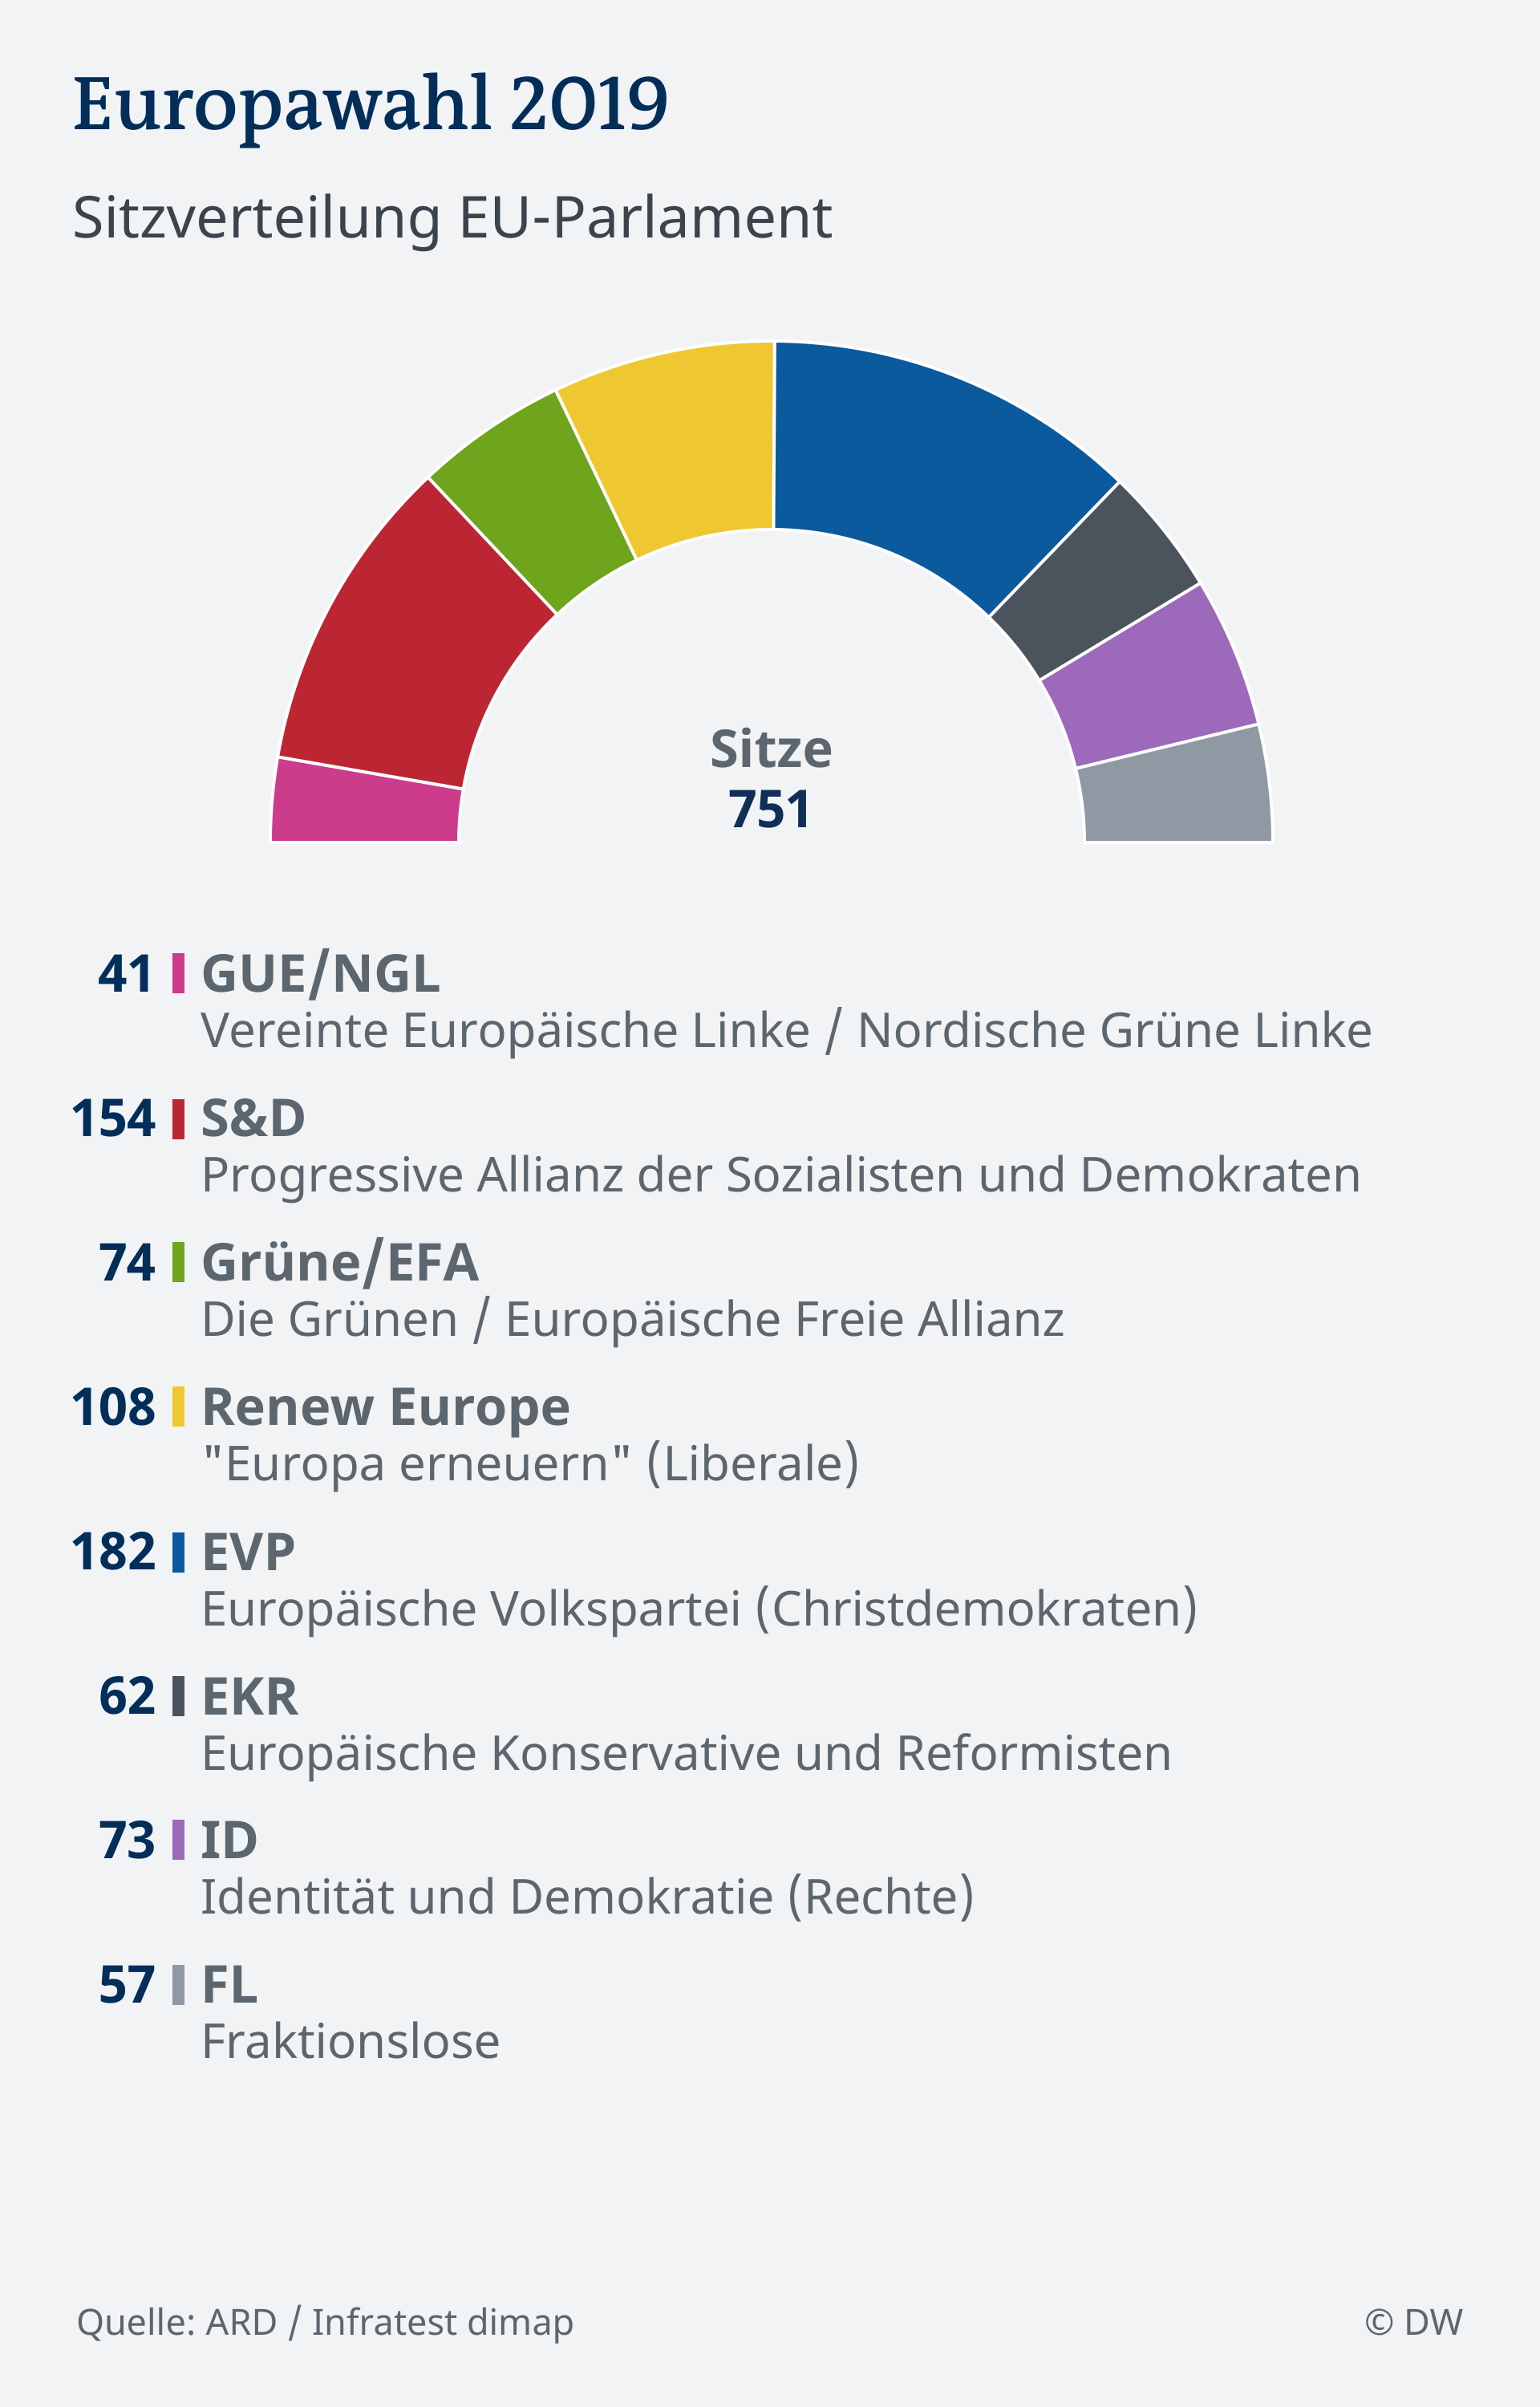 Infografik EU-Wahl 2019 Sitzverteilung Europaparlament DEU